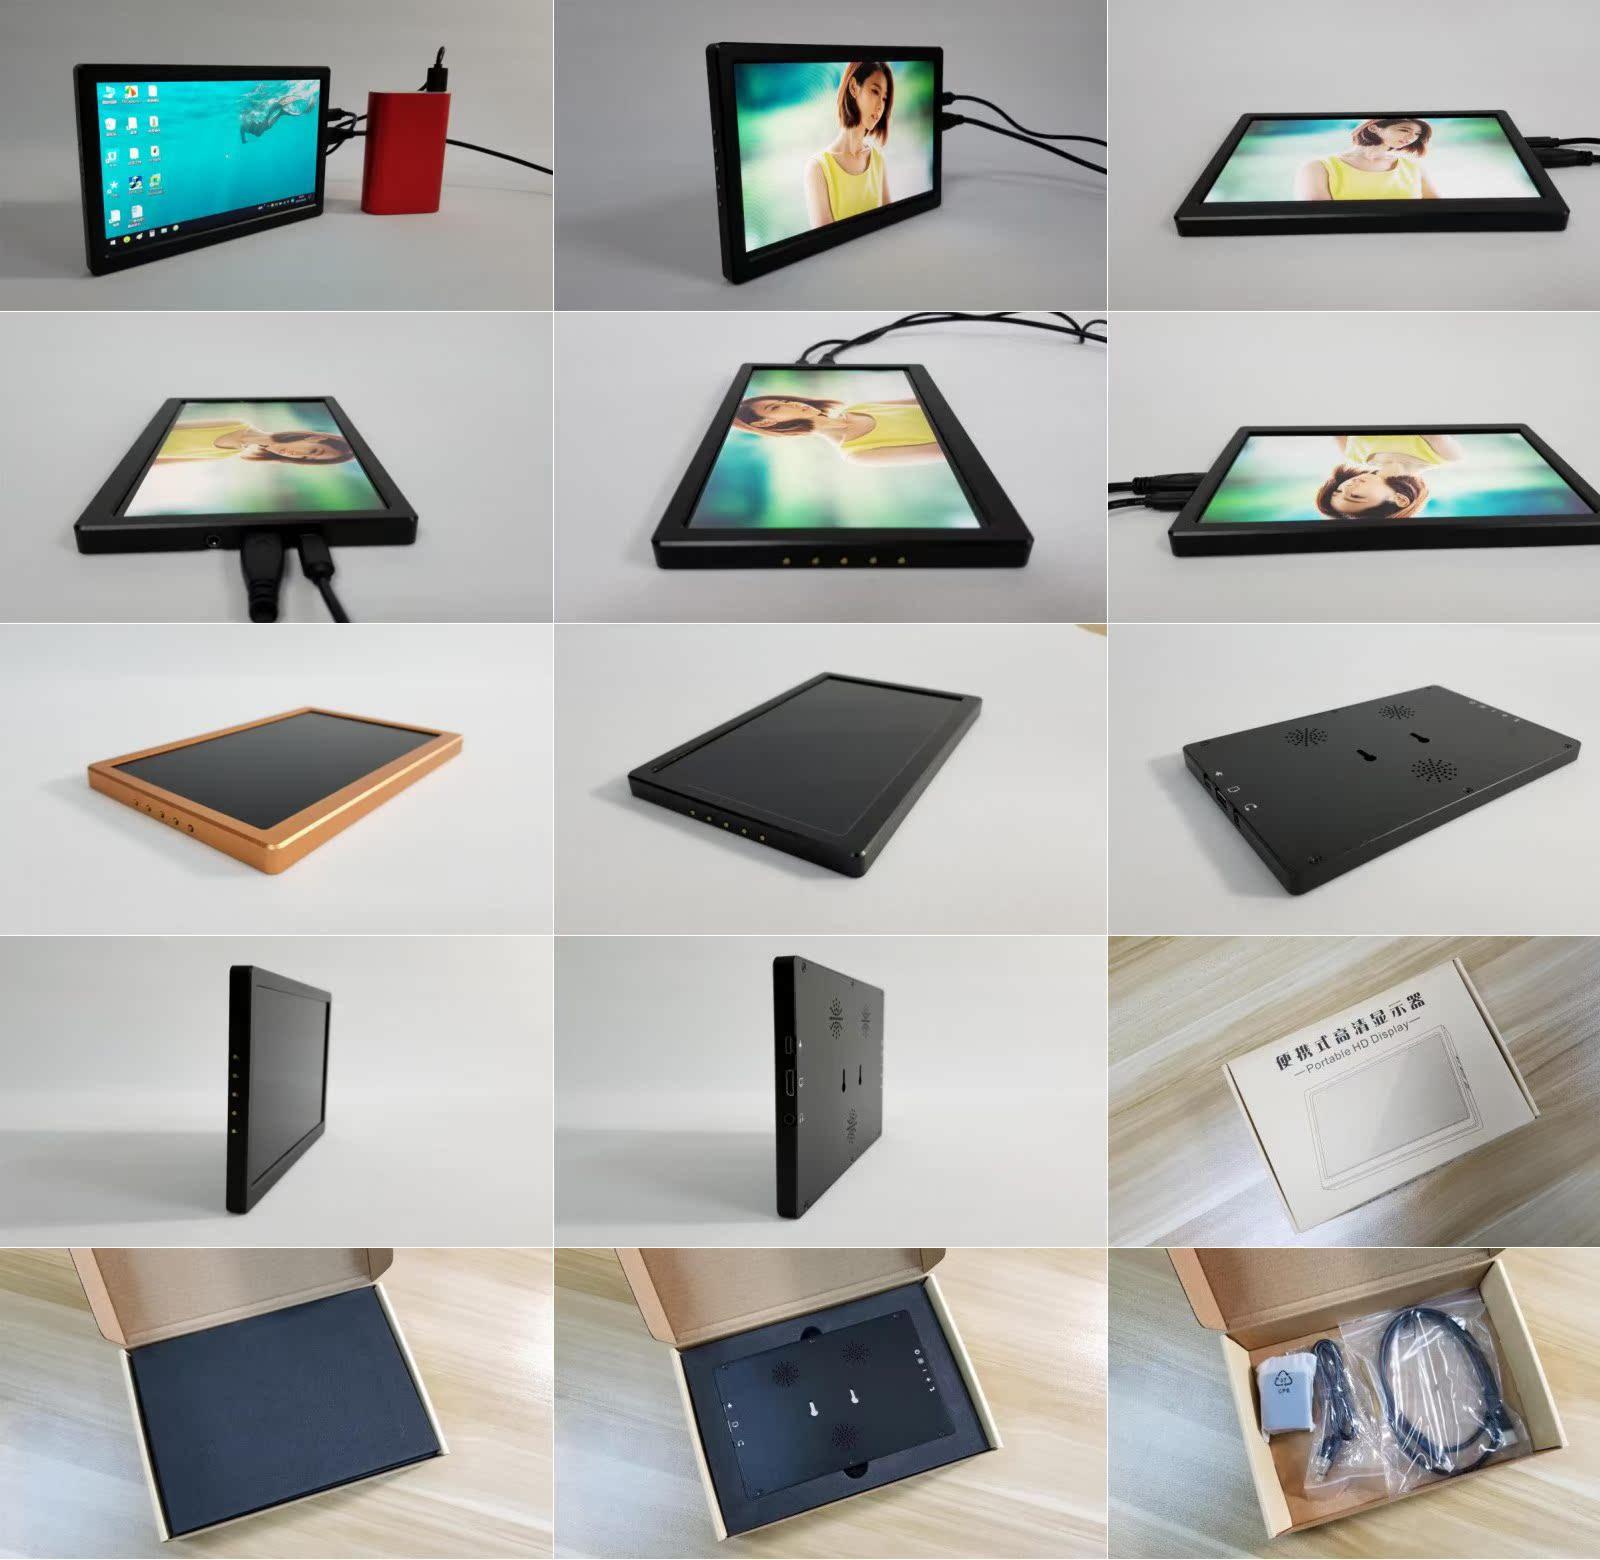 享耀7寸5V供电便携显示器 树莓派/各类开发板显示器 无人机监视器